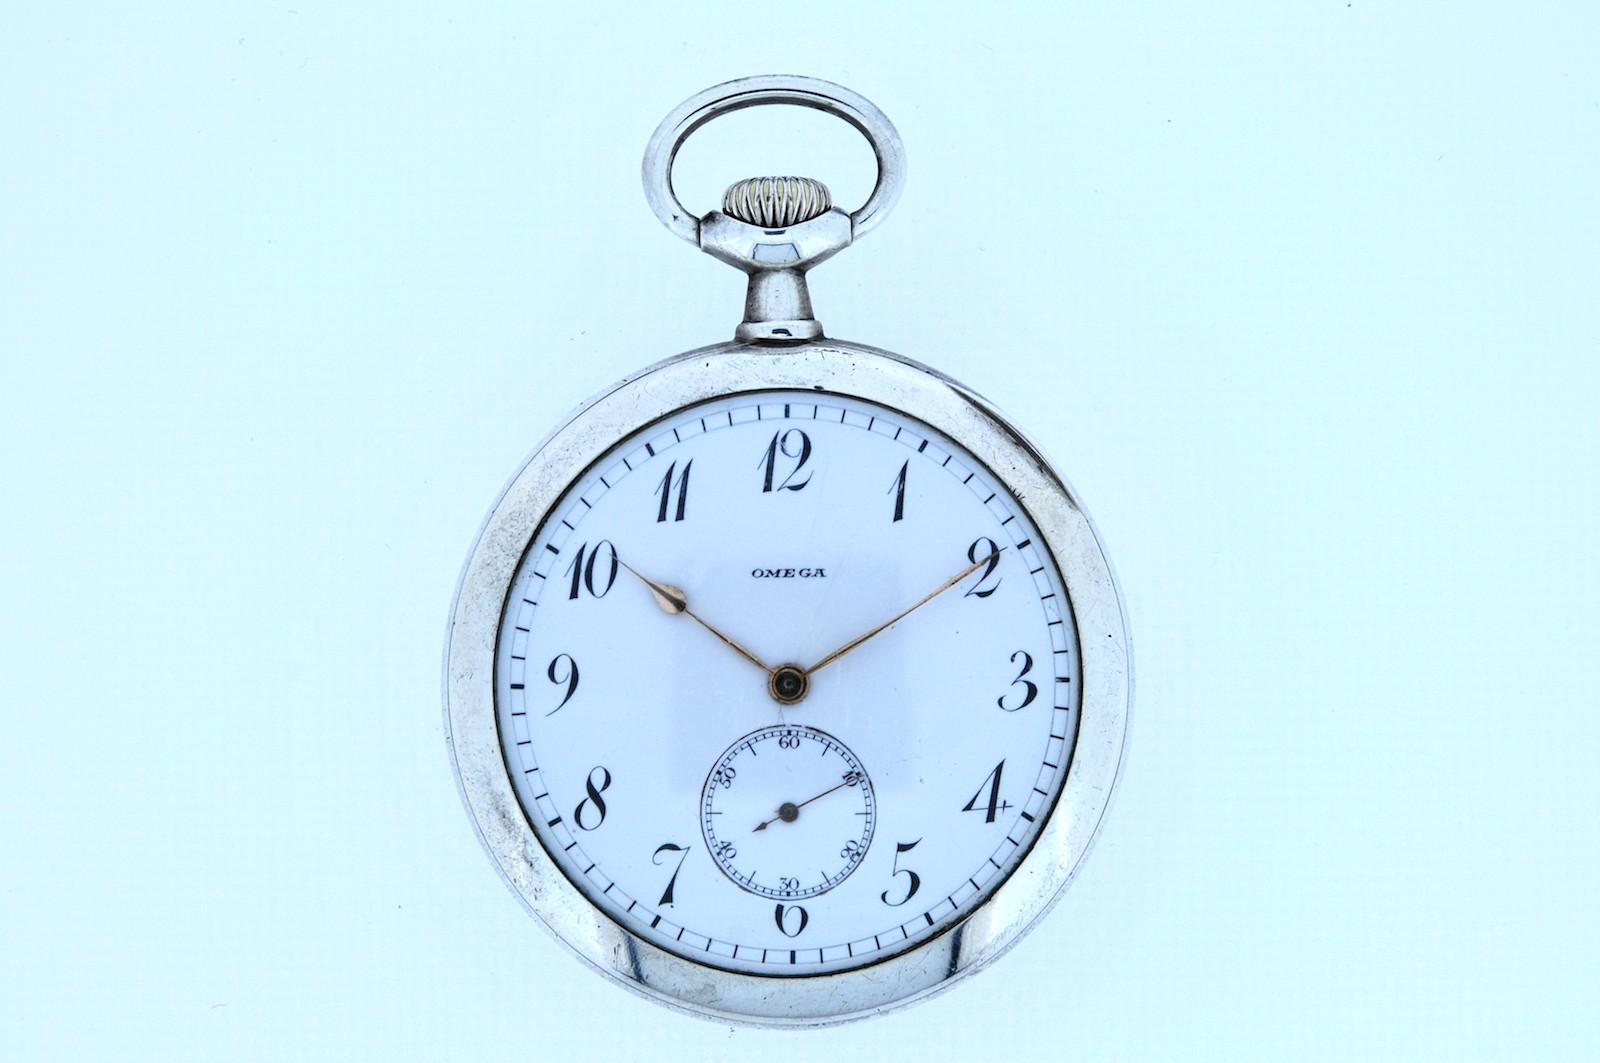 #32 Silver Pocket Watch | Silberne Taschenuhr Image